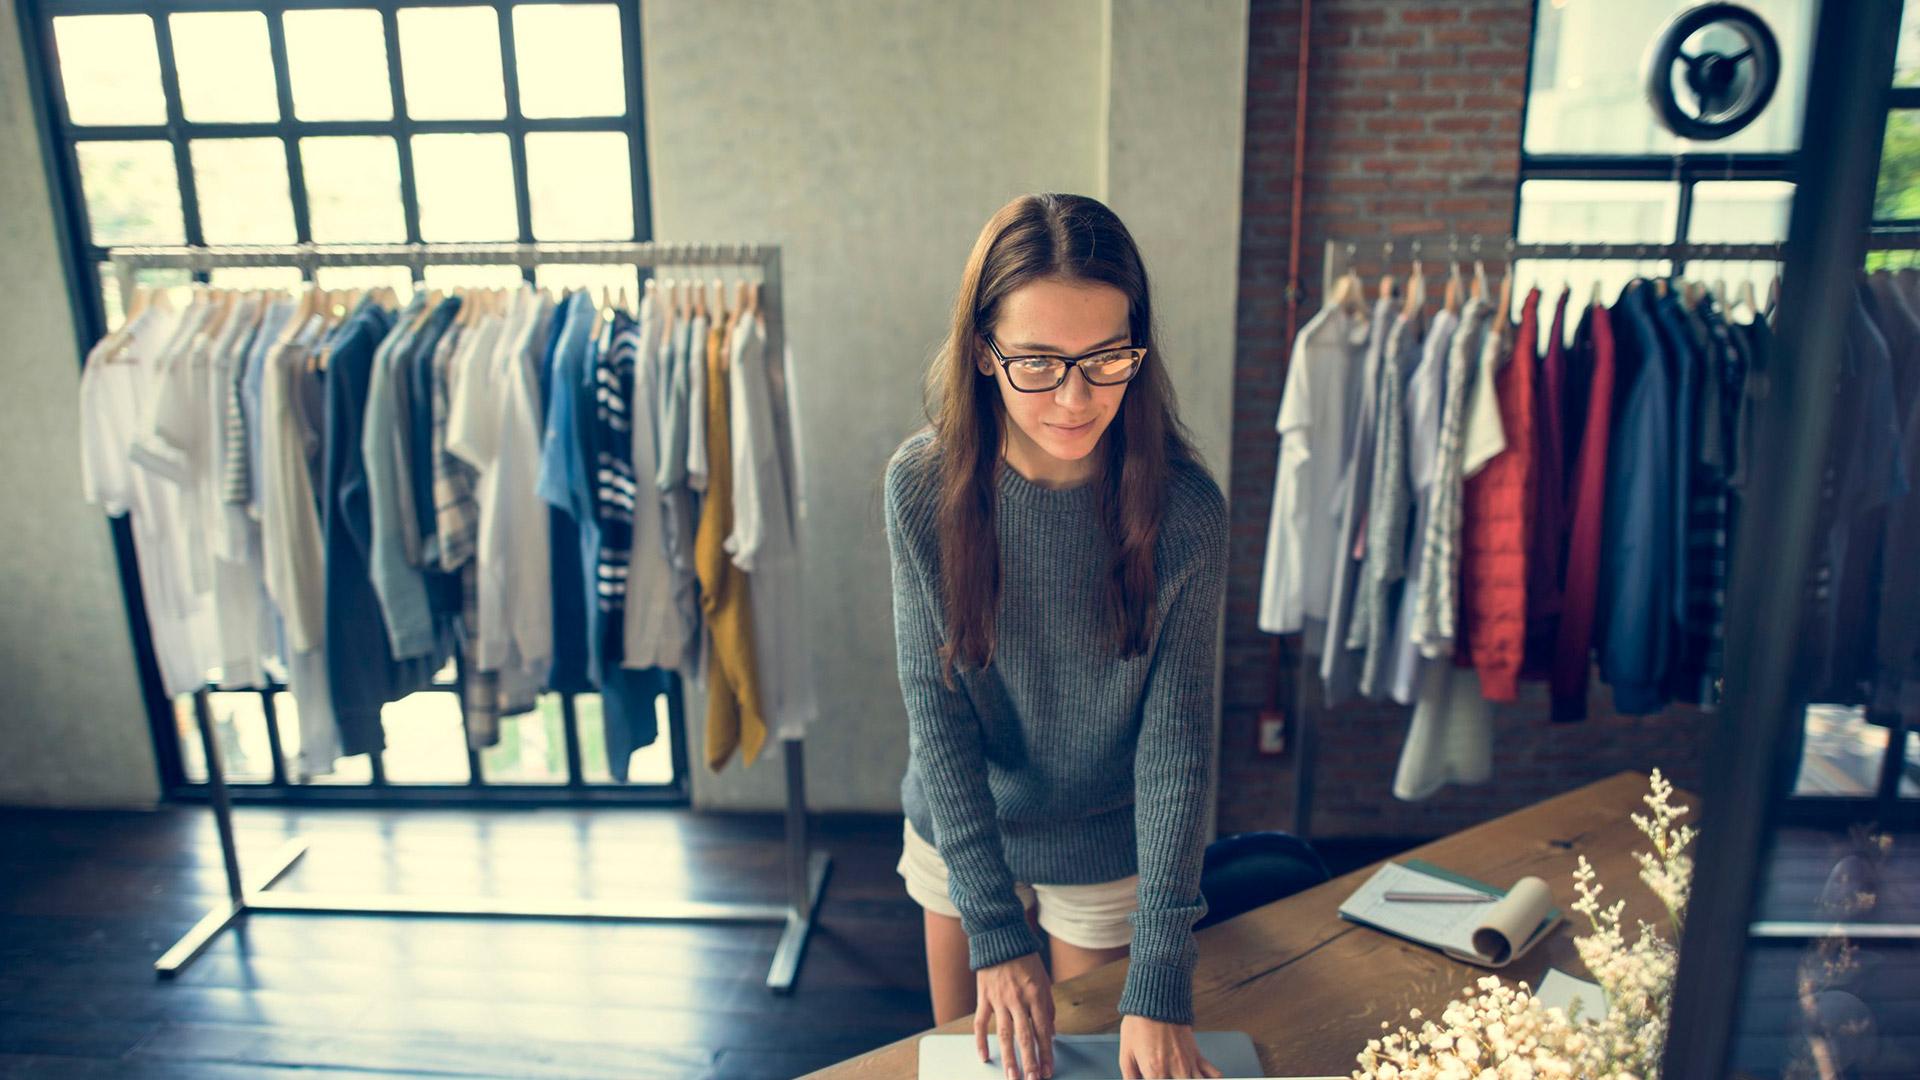 Reinventar la moda gracias a la tecnología